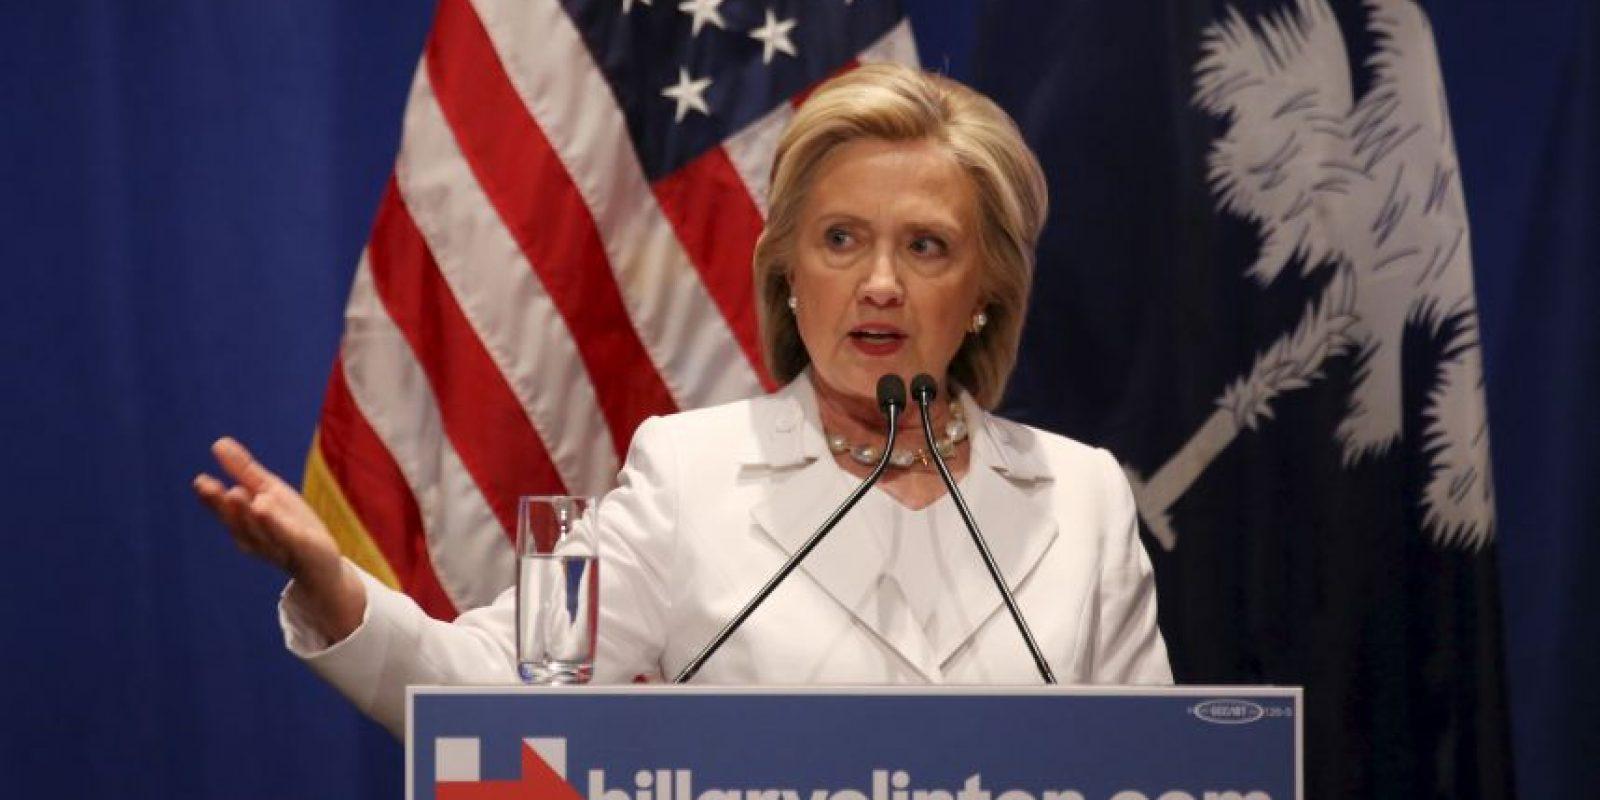 El Departamento de Estado de Estados Unidos recibió 15 correos electrónicos que Hillary Clinton no les entregó. Foto:Getty Images